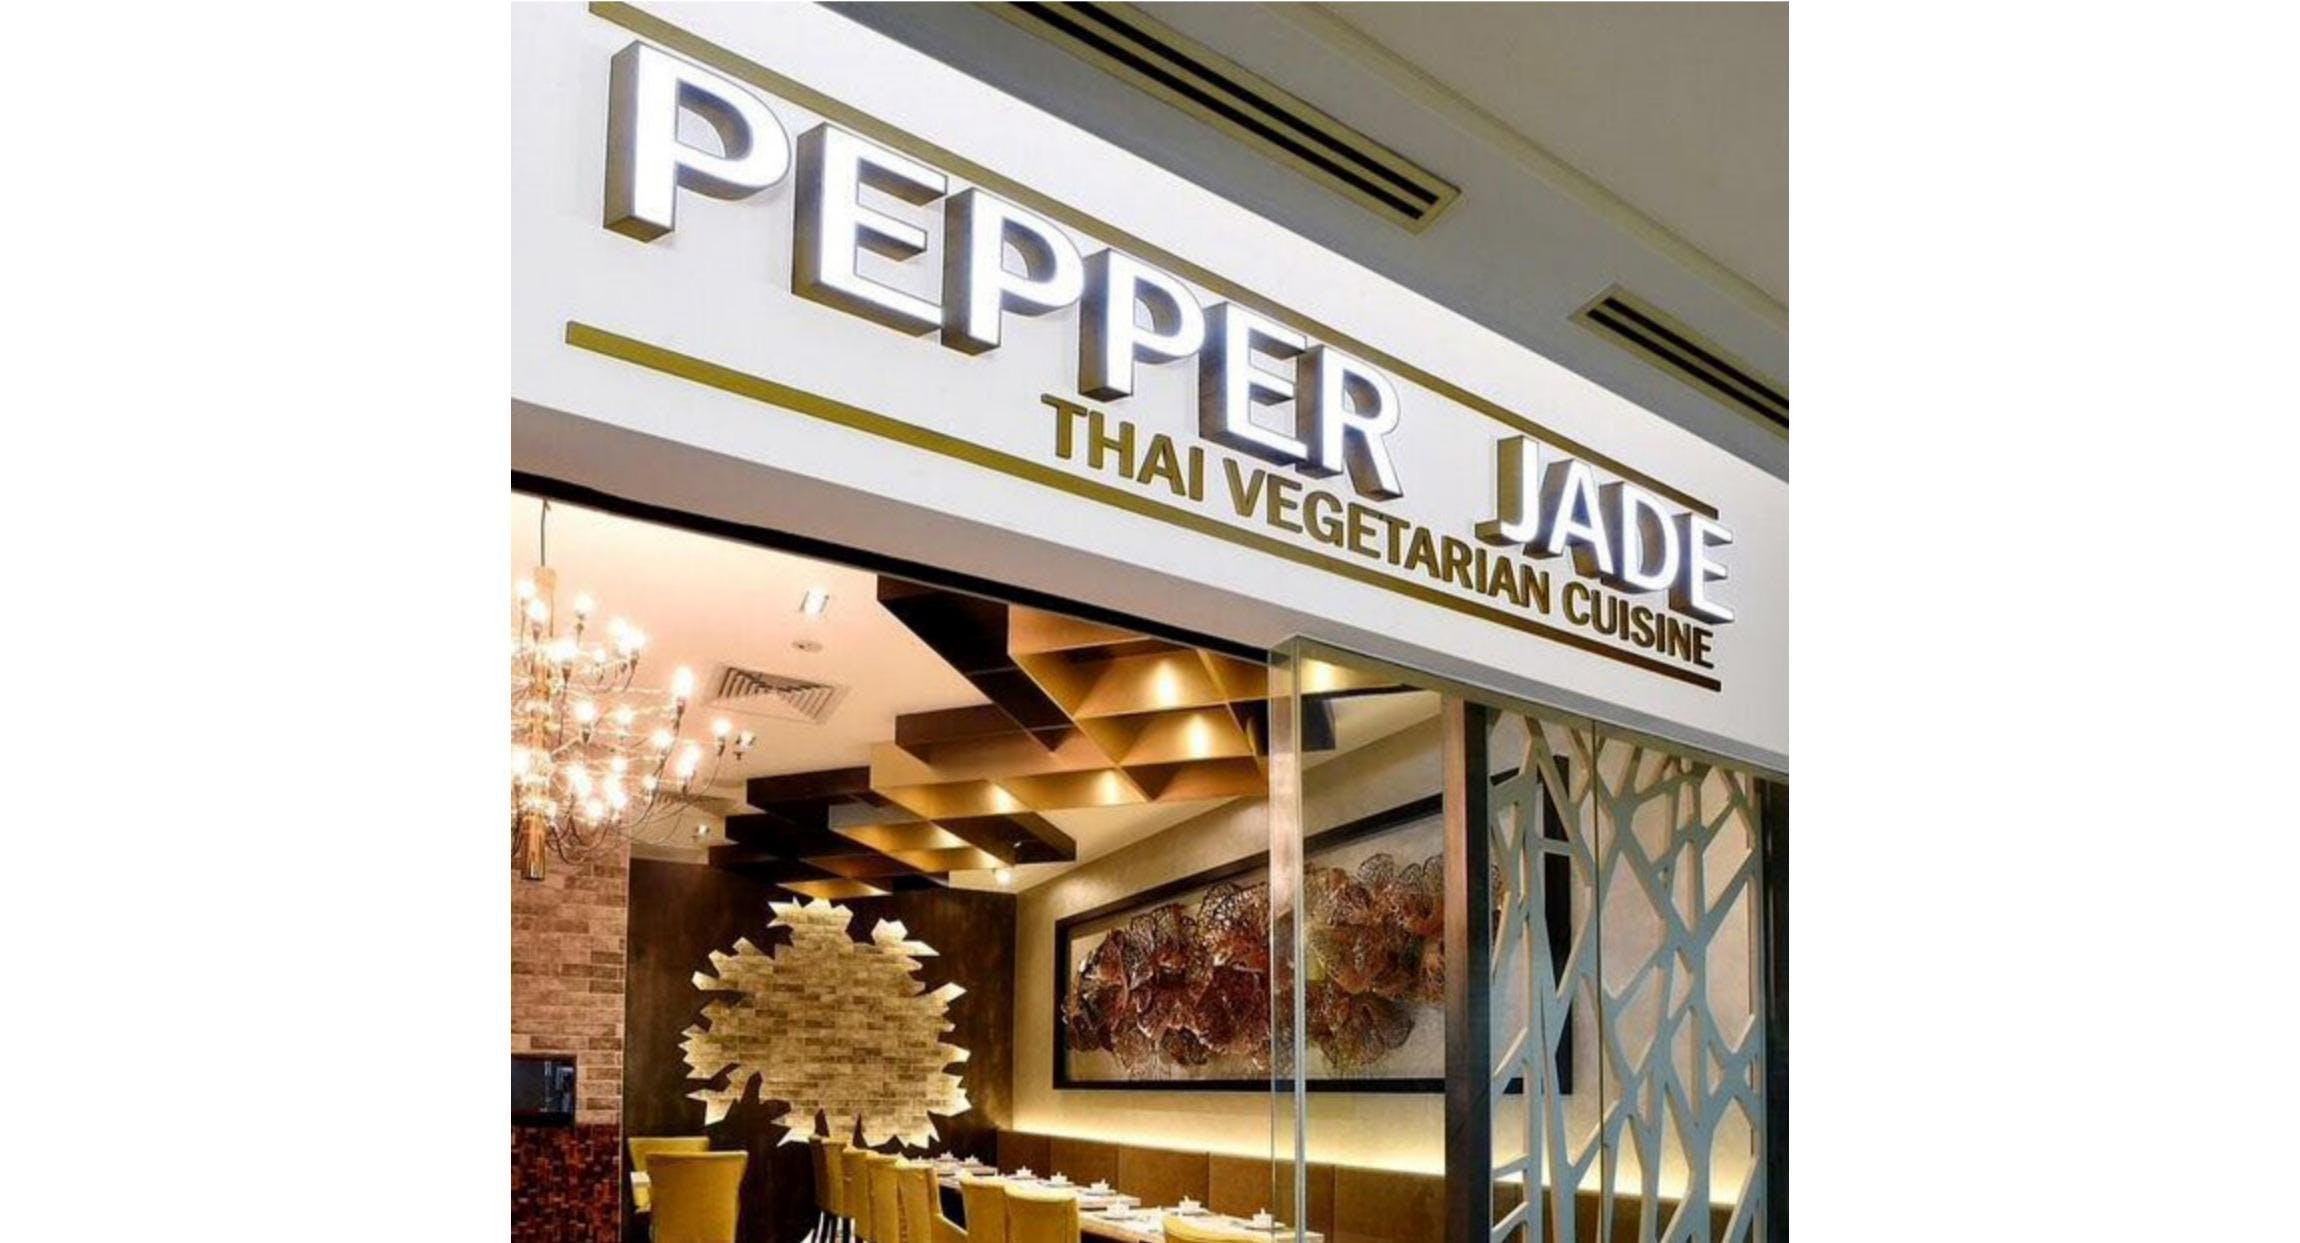 Pepper Jade Thai Vegetarian Cuisine Singapore image 2